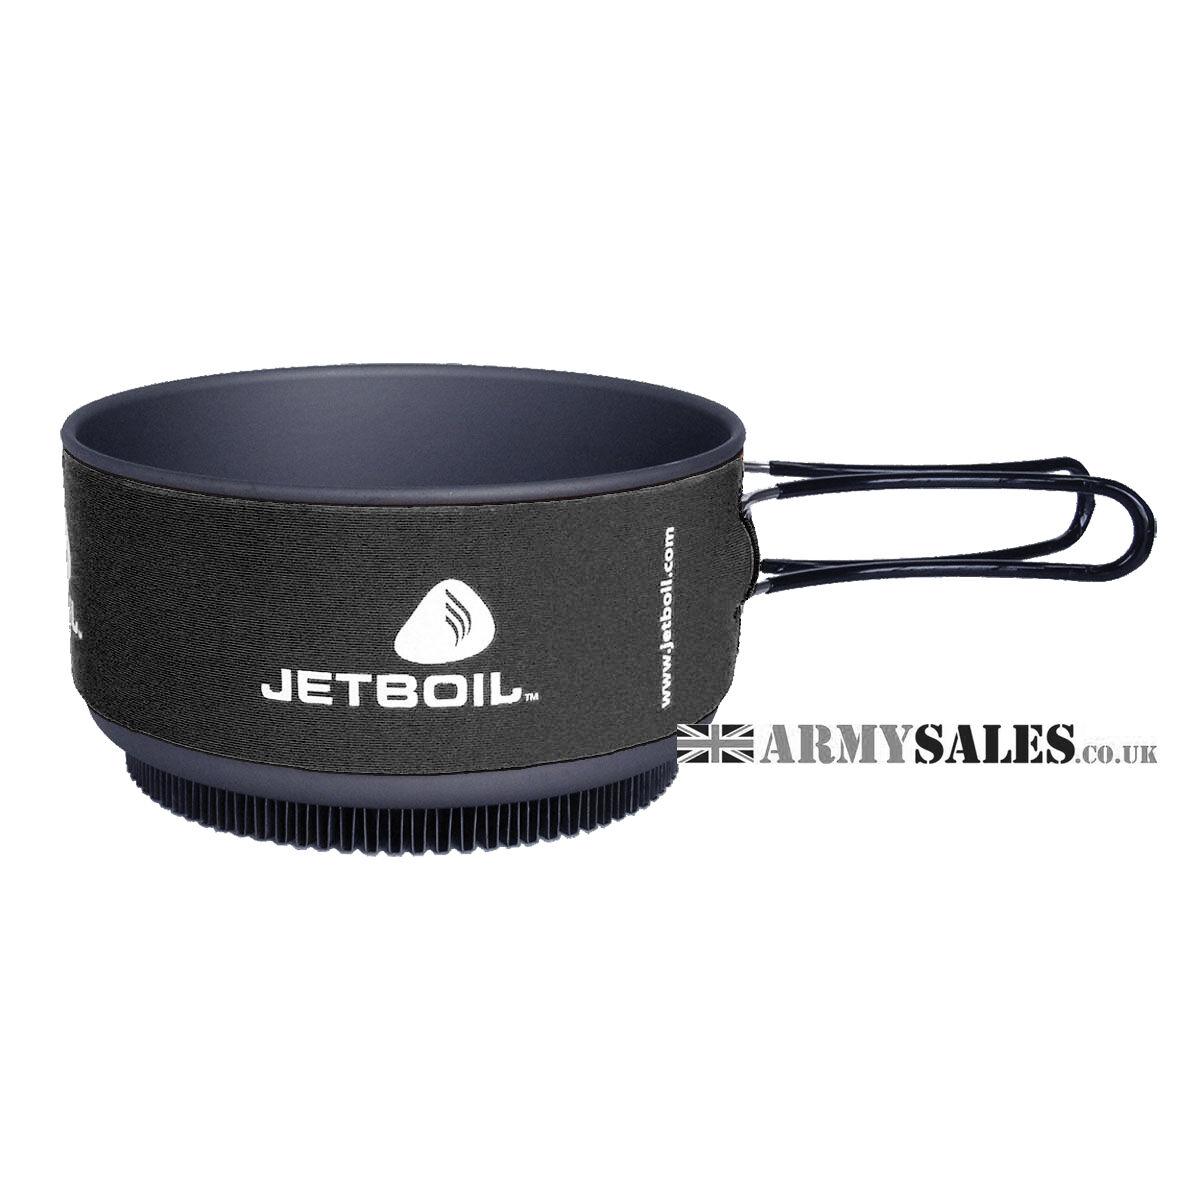 Jetboil Fluxring 1.5l Cooking Pot-Zip, Pot-Zip, Pot-Zip, Flash, minimo, Leggero & efficienti  6d31fc